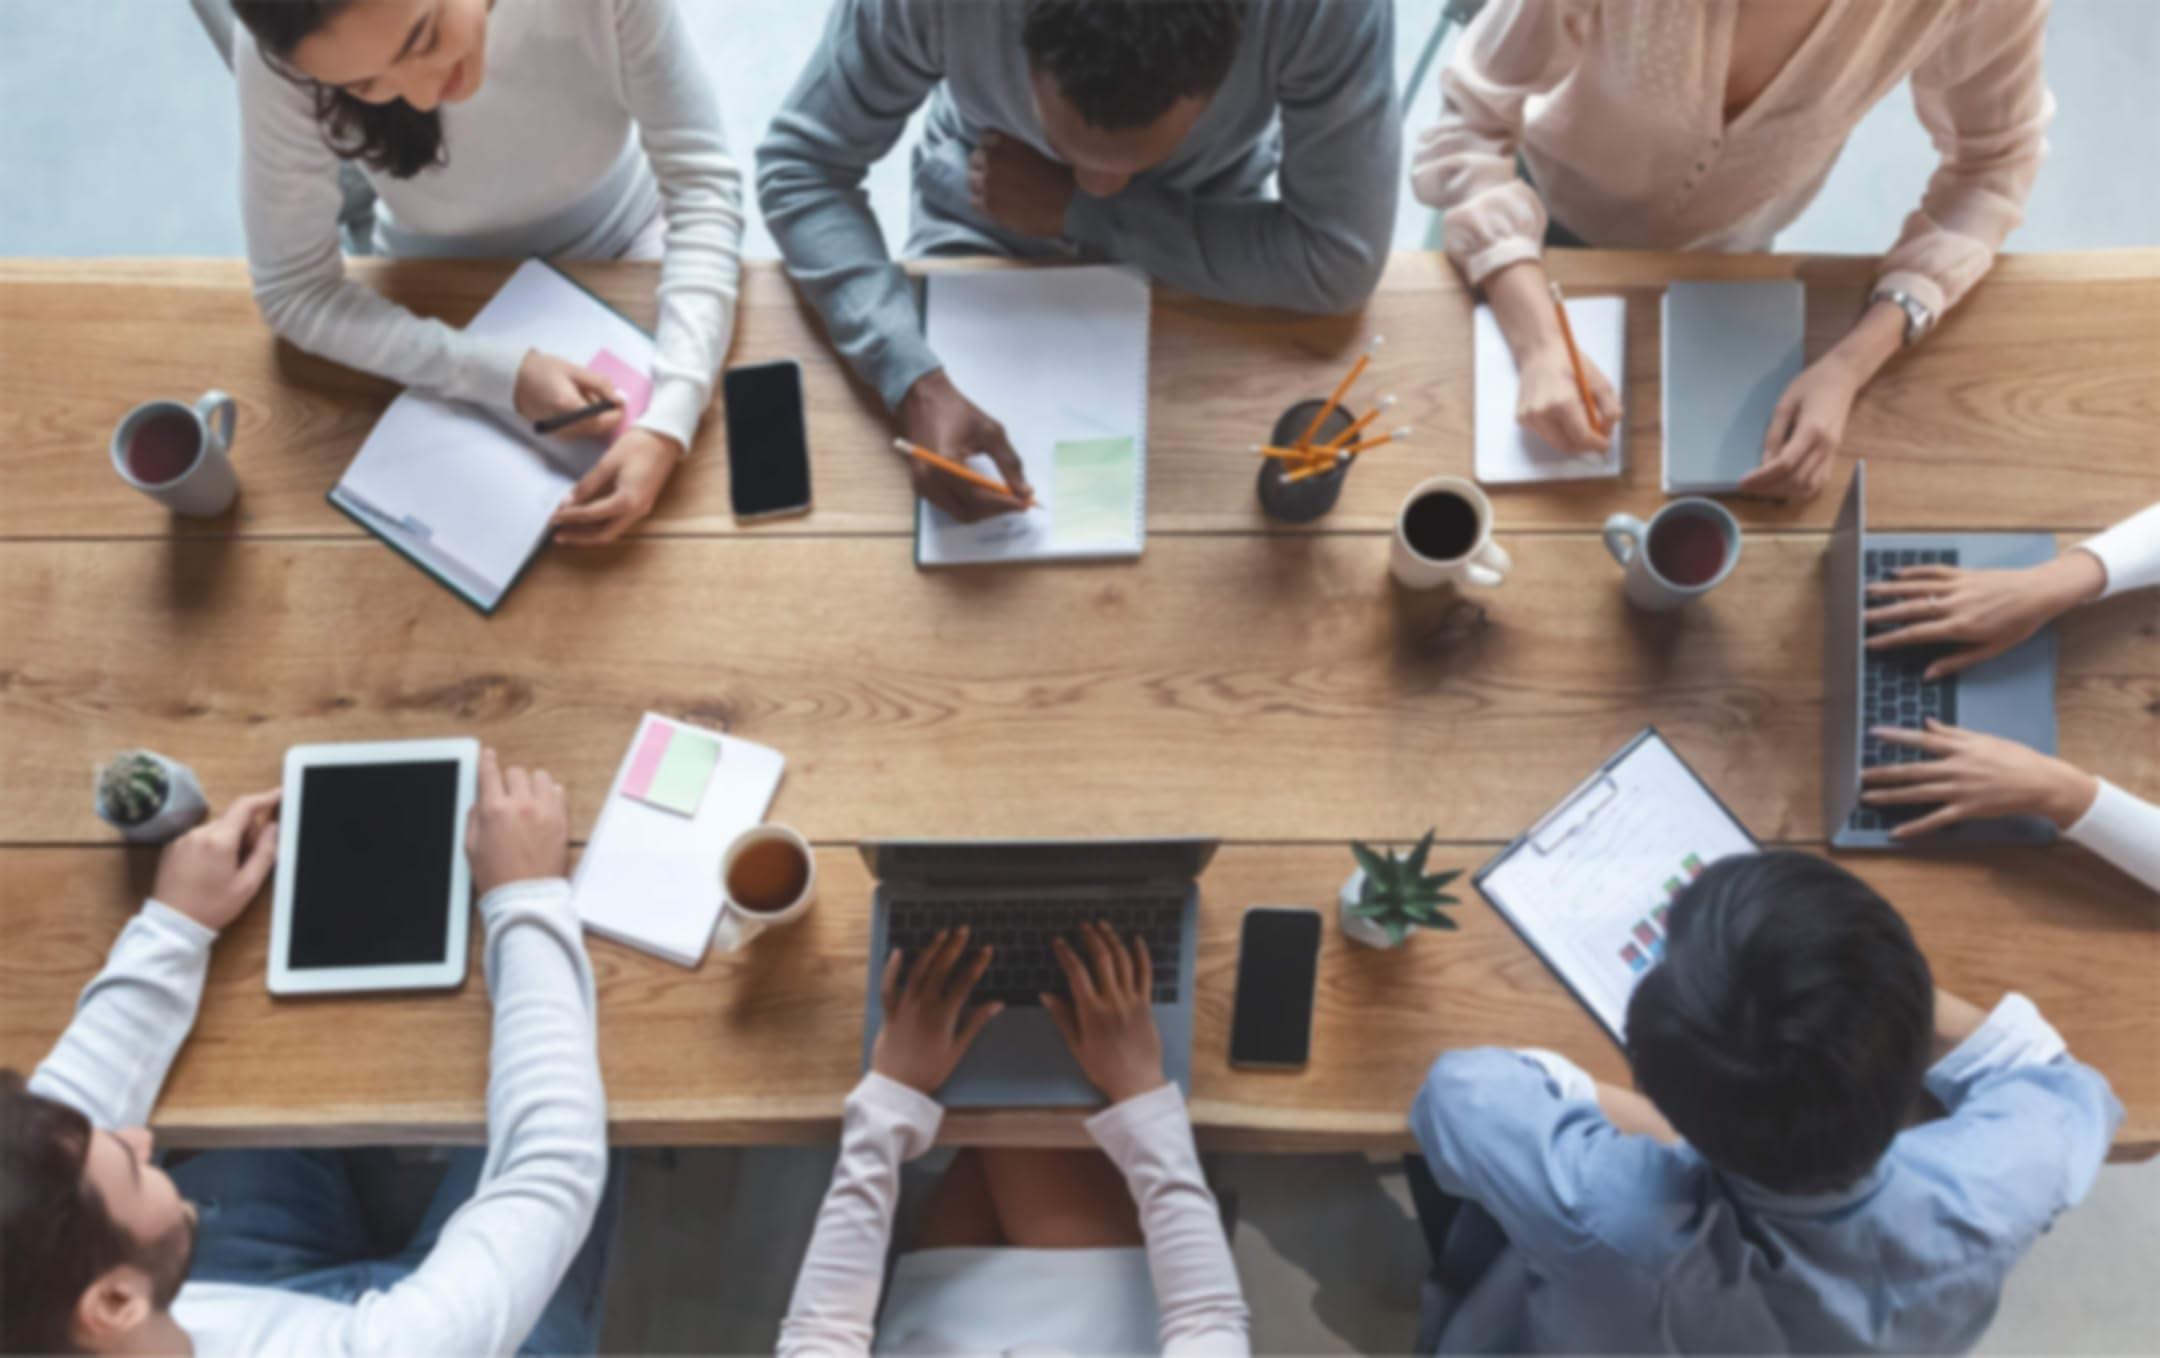 Vista aérea de personas en una reunión sentadas alrededor de una mesa tomando notas y trabajando en sus ordenadores portátiles y tabletas.